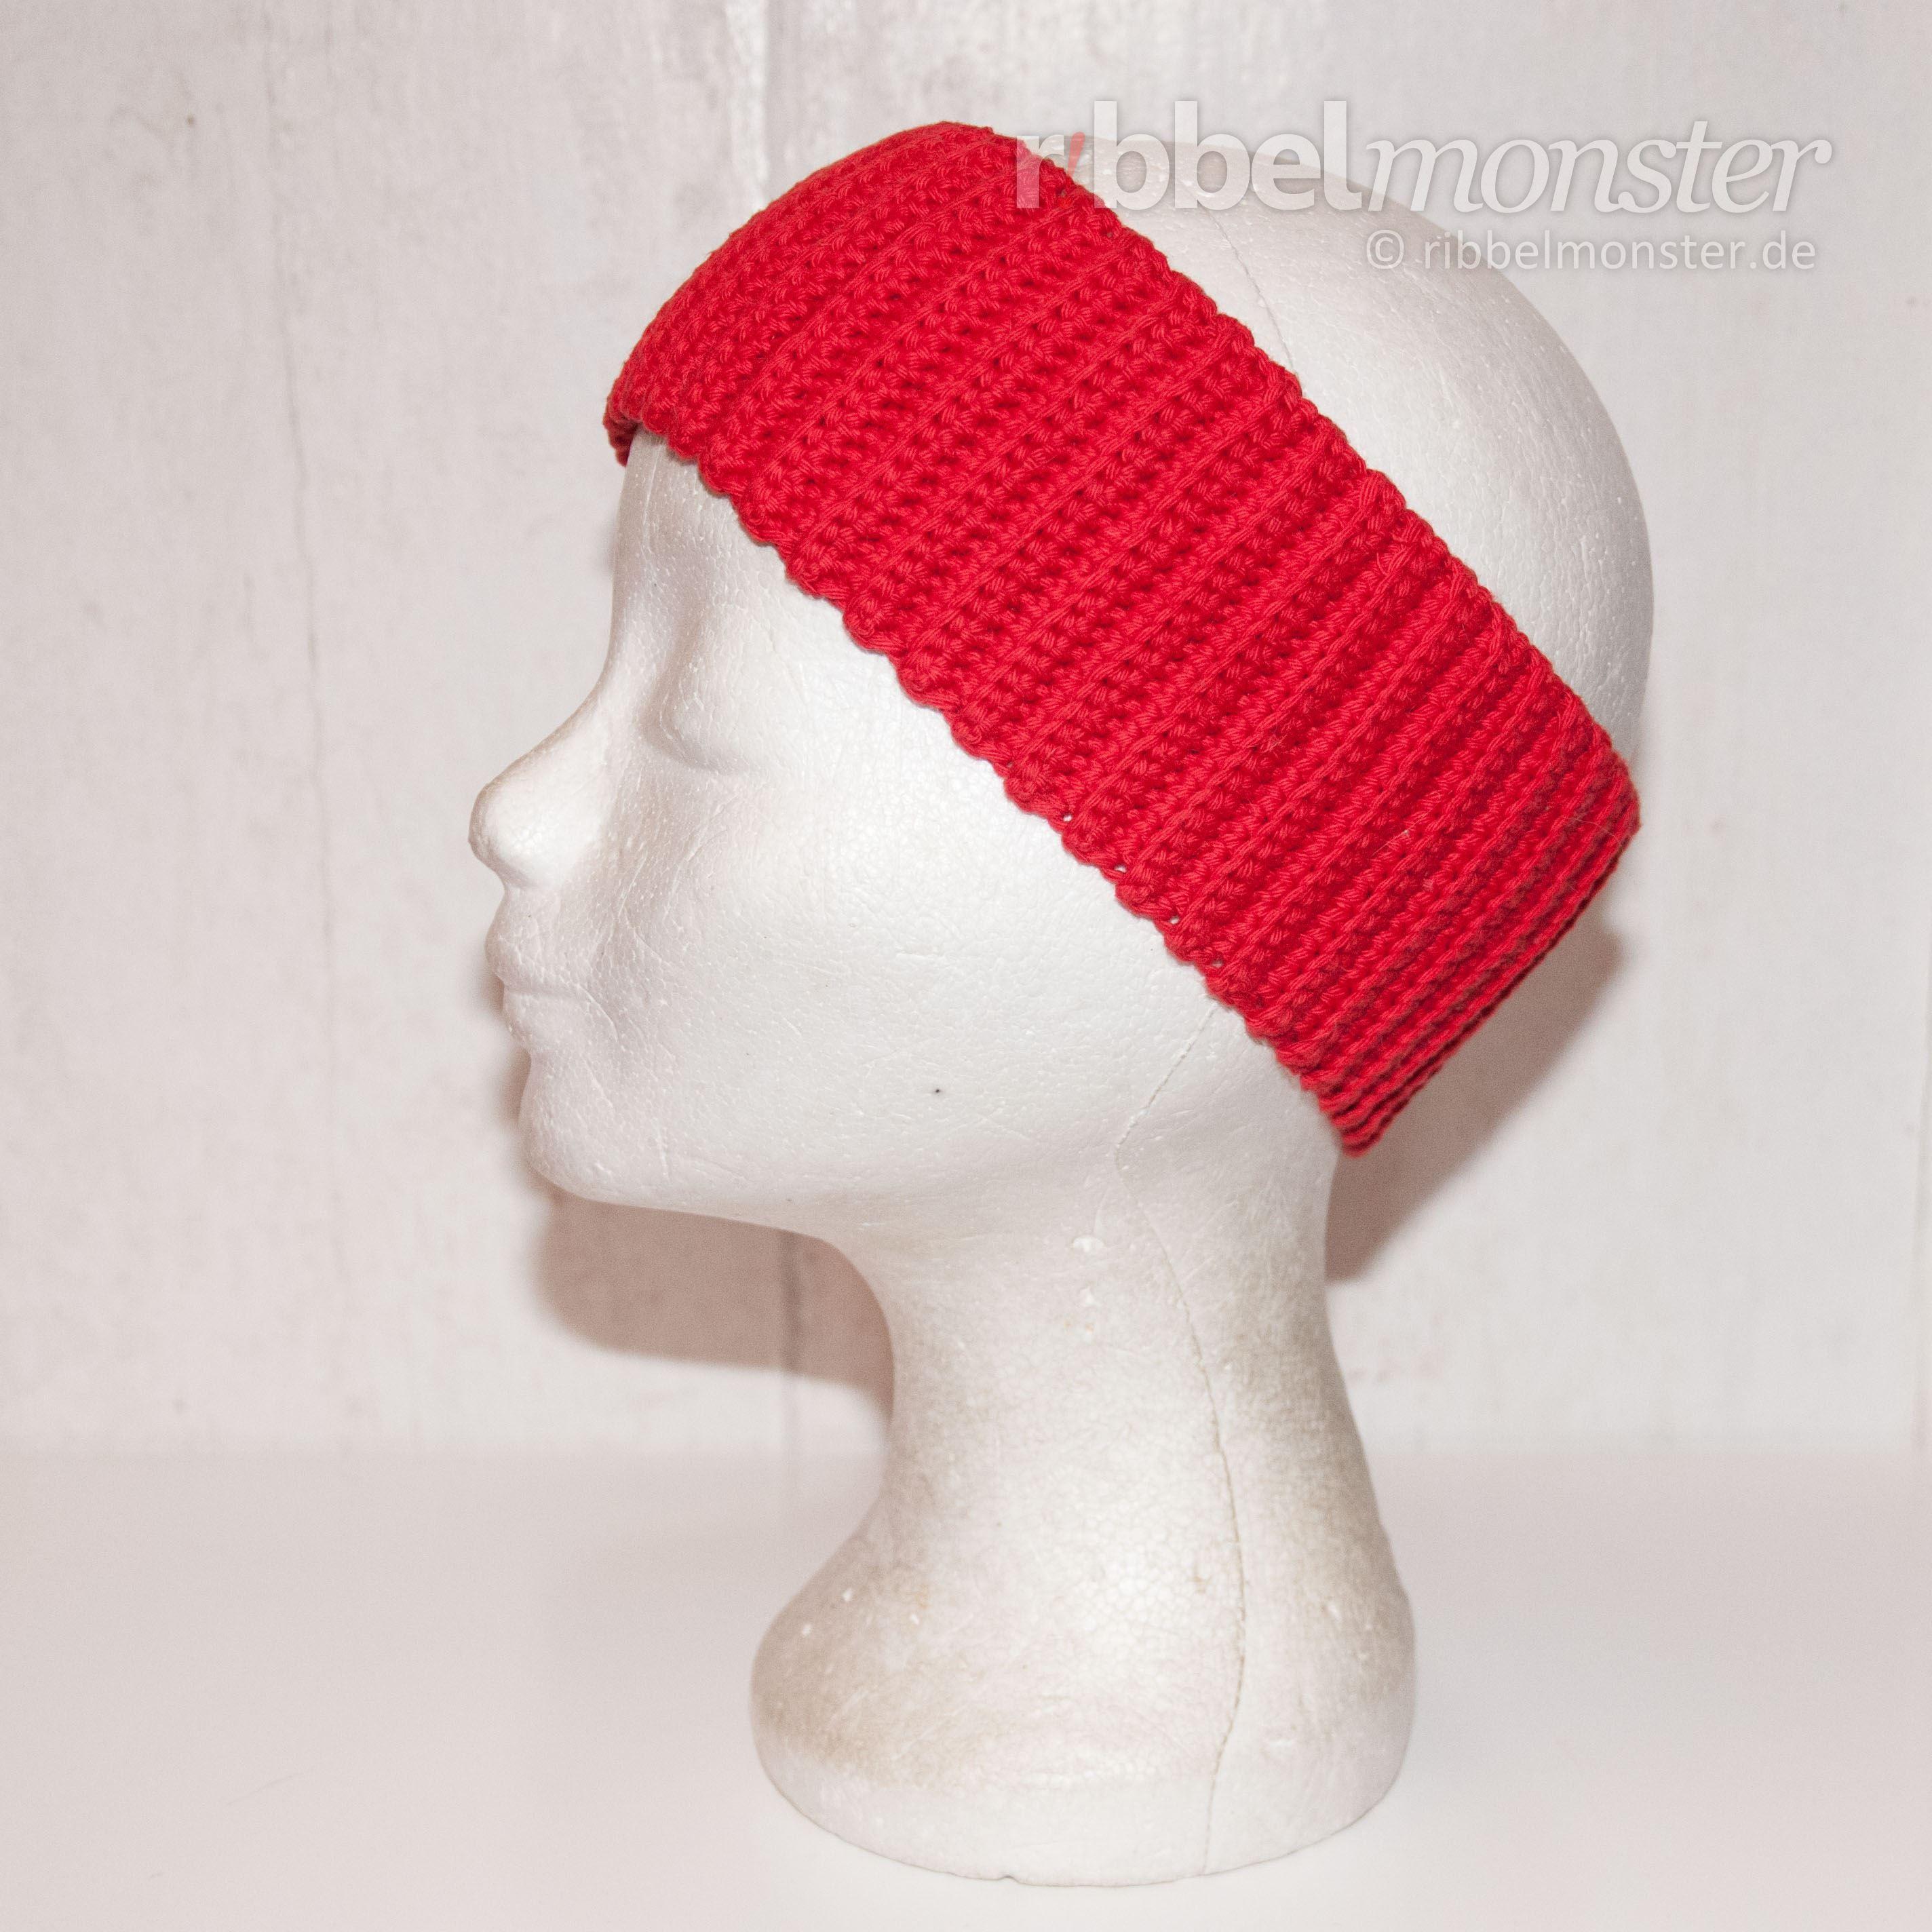 geripptes Stirnband häkeln Anleitung | Kopfsache: Stirnbänder, Hüte ...